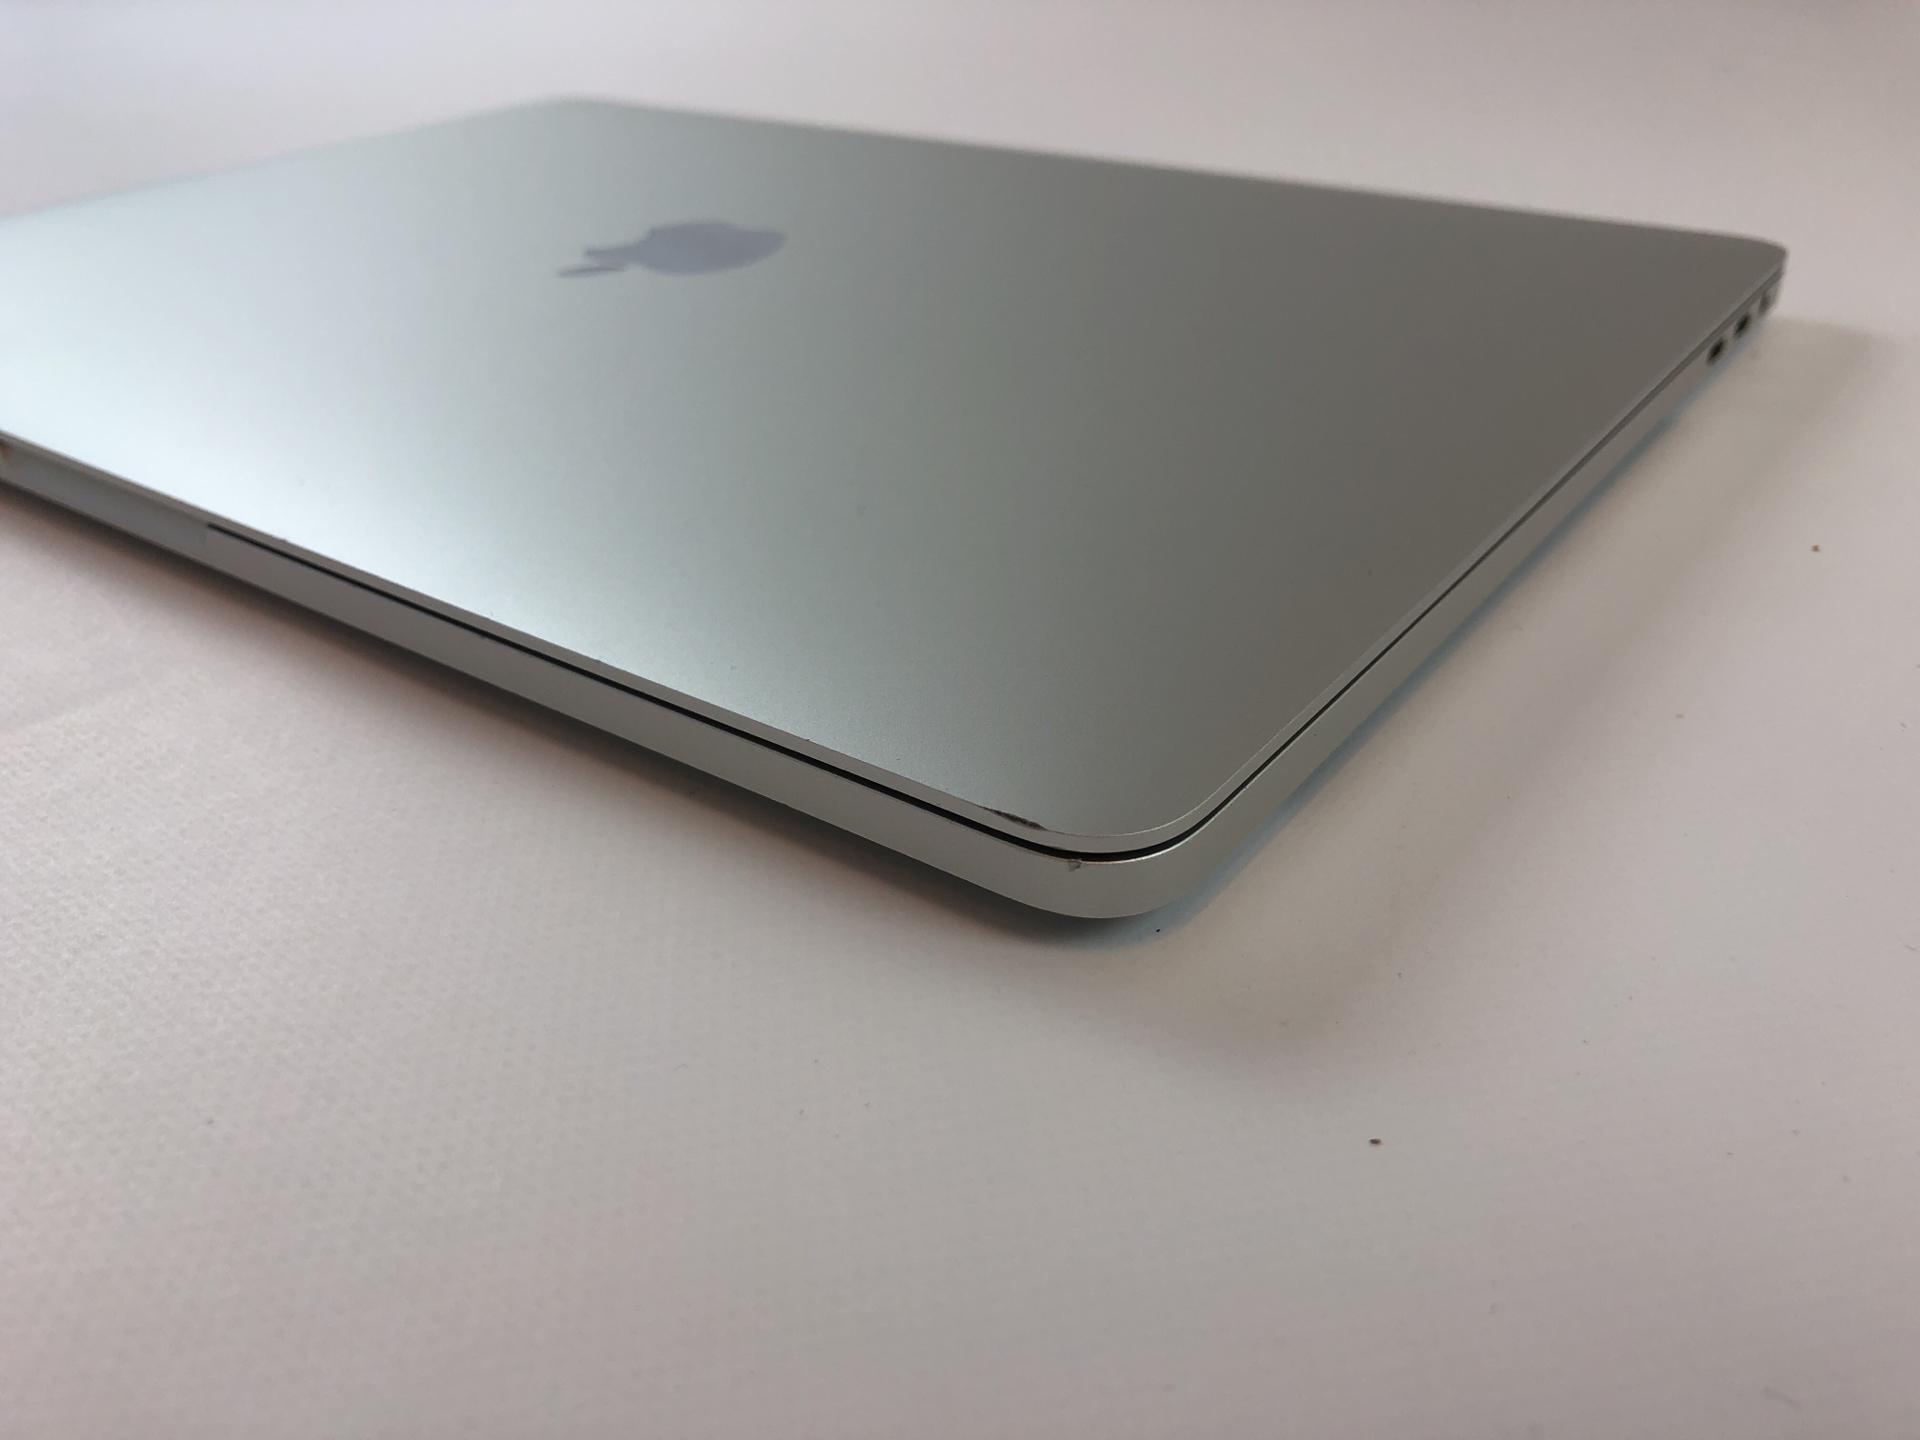 """MacBook Pro 13"""" 4TBT Mid 2017 (Intel Core i5 3.1 GHz 8 GB RAM 256 GB SSD), Silver, Intel Core i5 3.1 GHz, 8 GB RAM, 256 GB SSD, bild 3"""